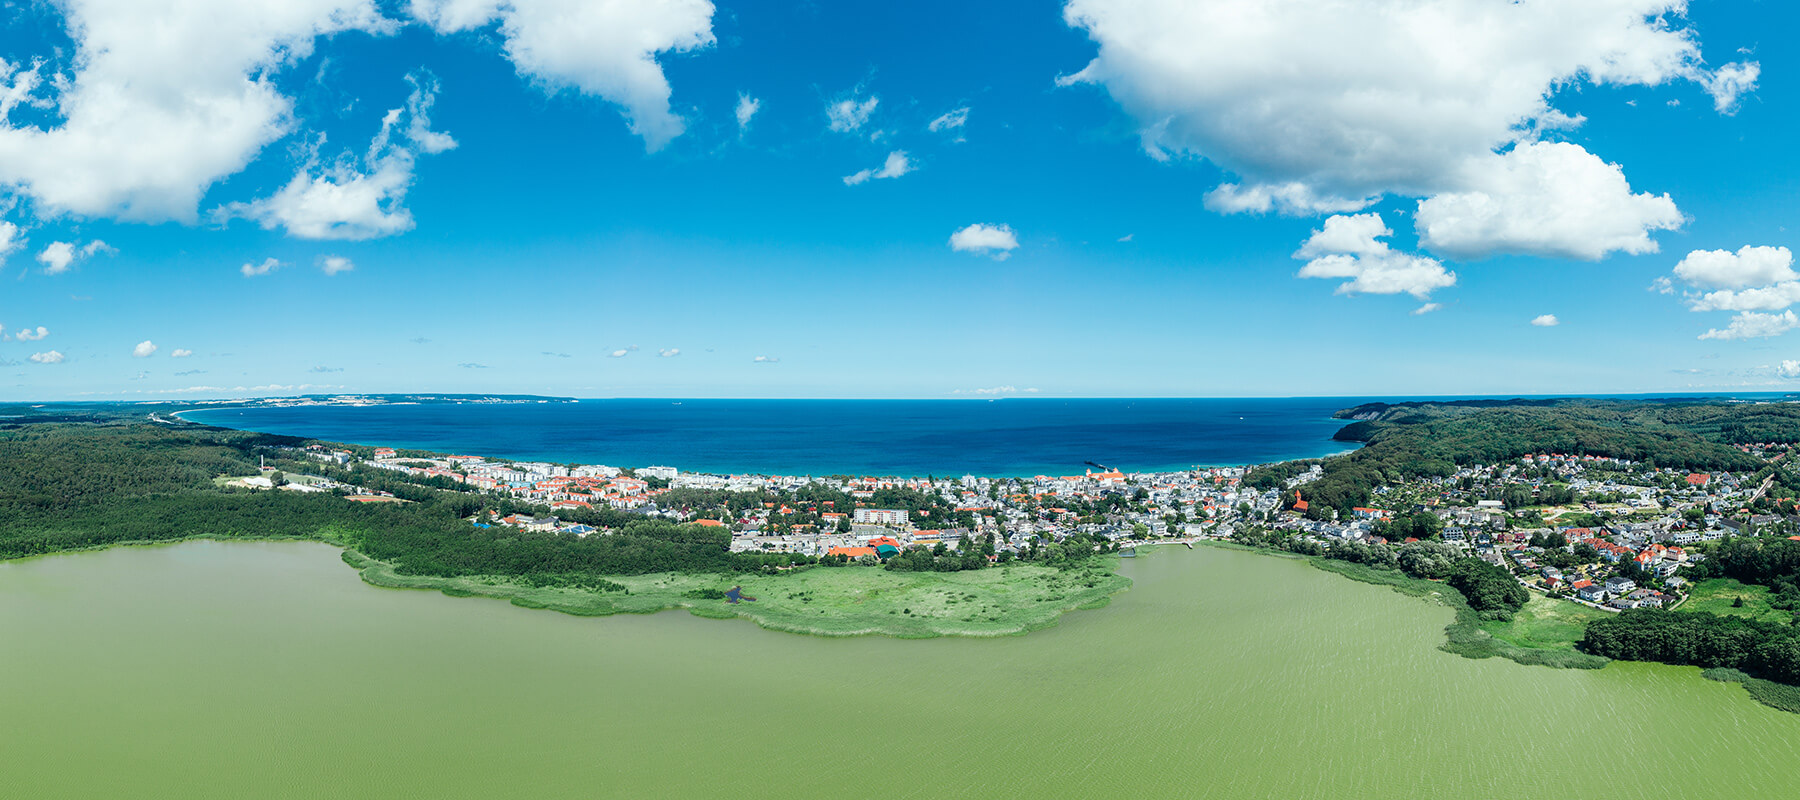 Mecklenburg-Vorpommern: Panorama der Binzer Bucht von oben